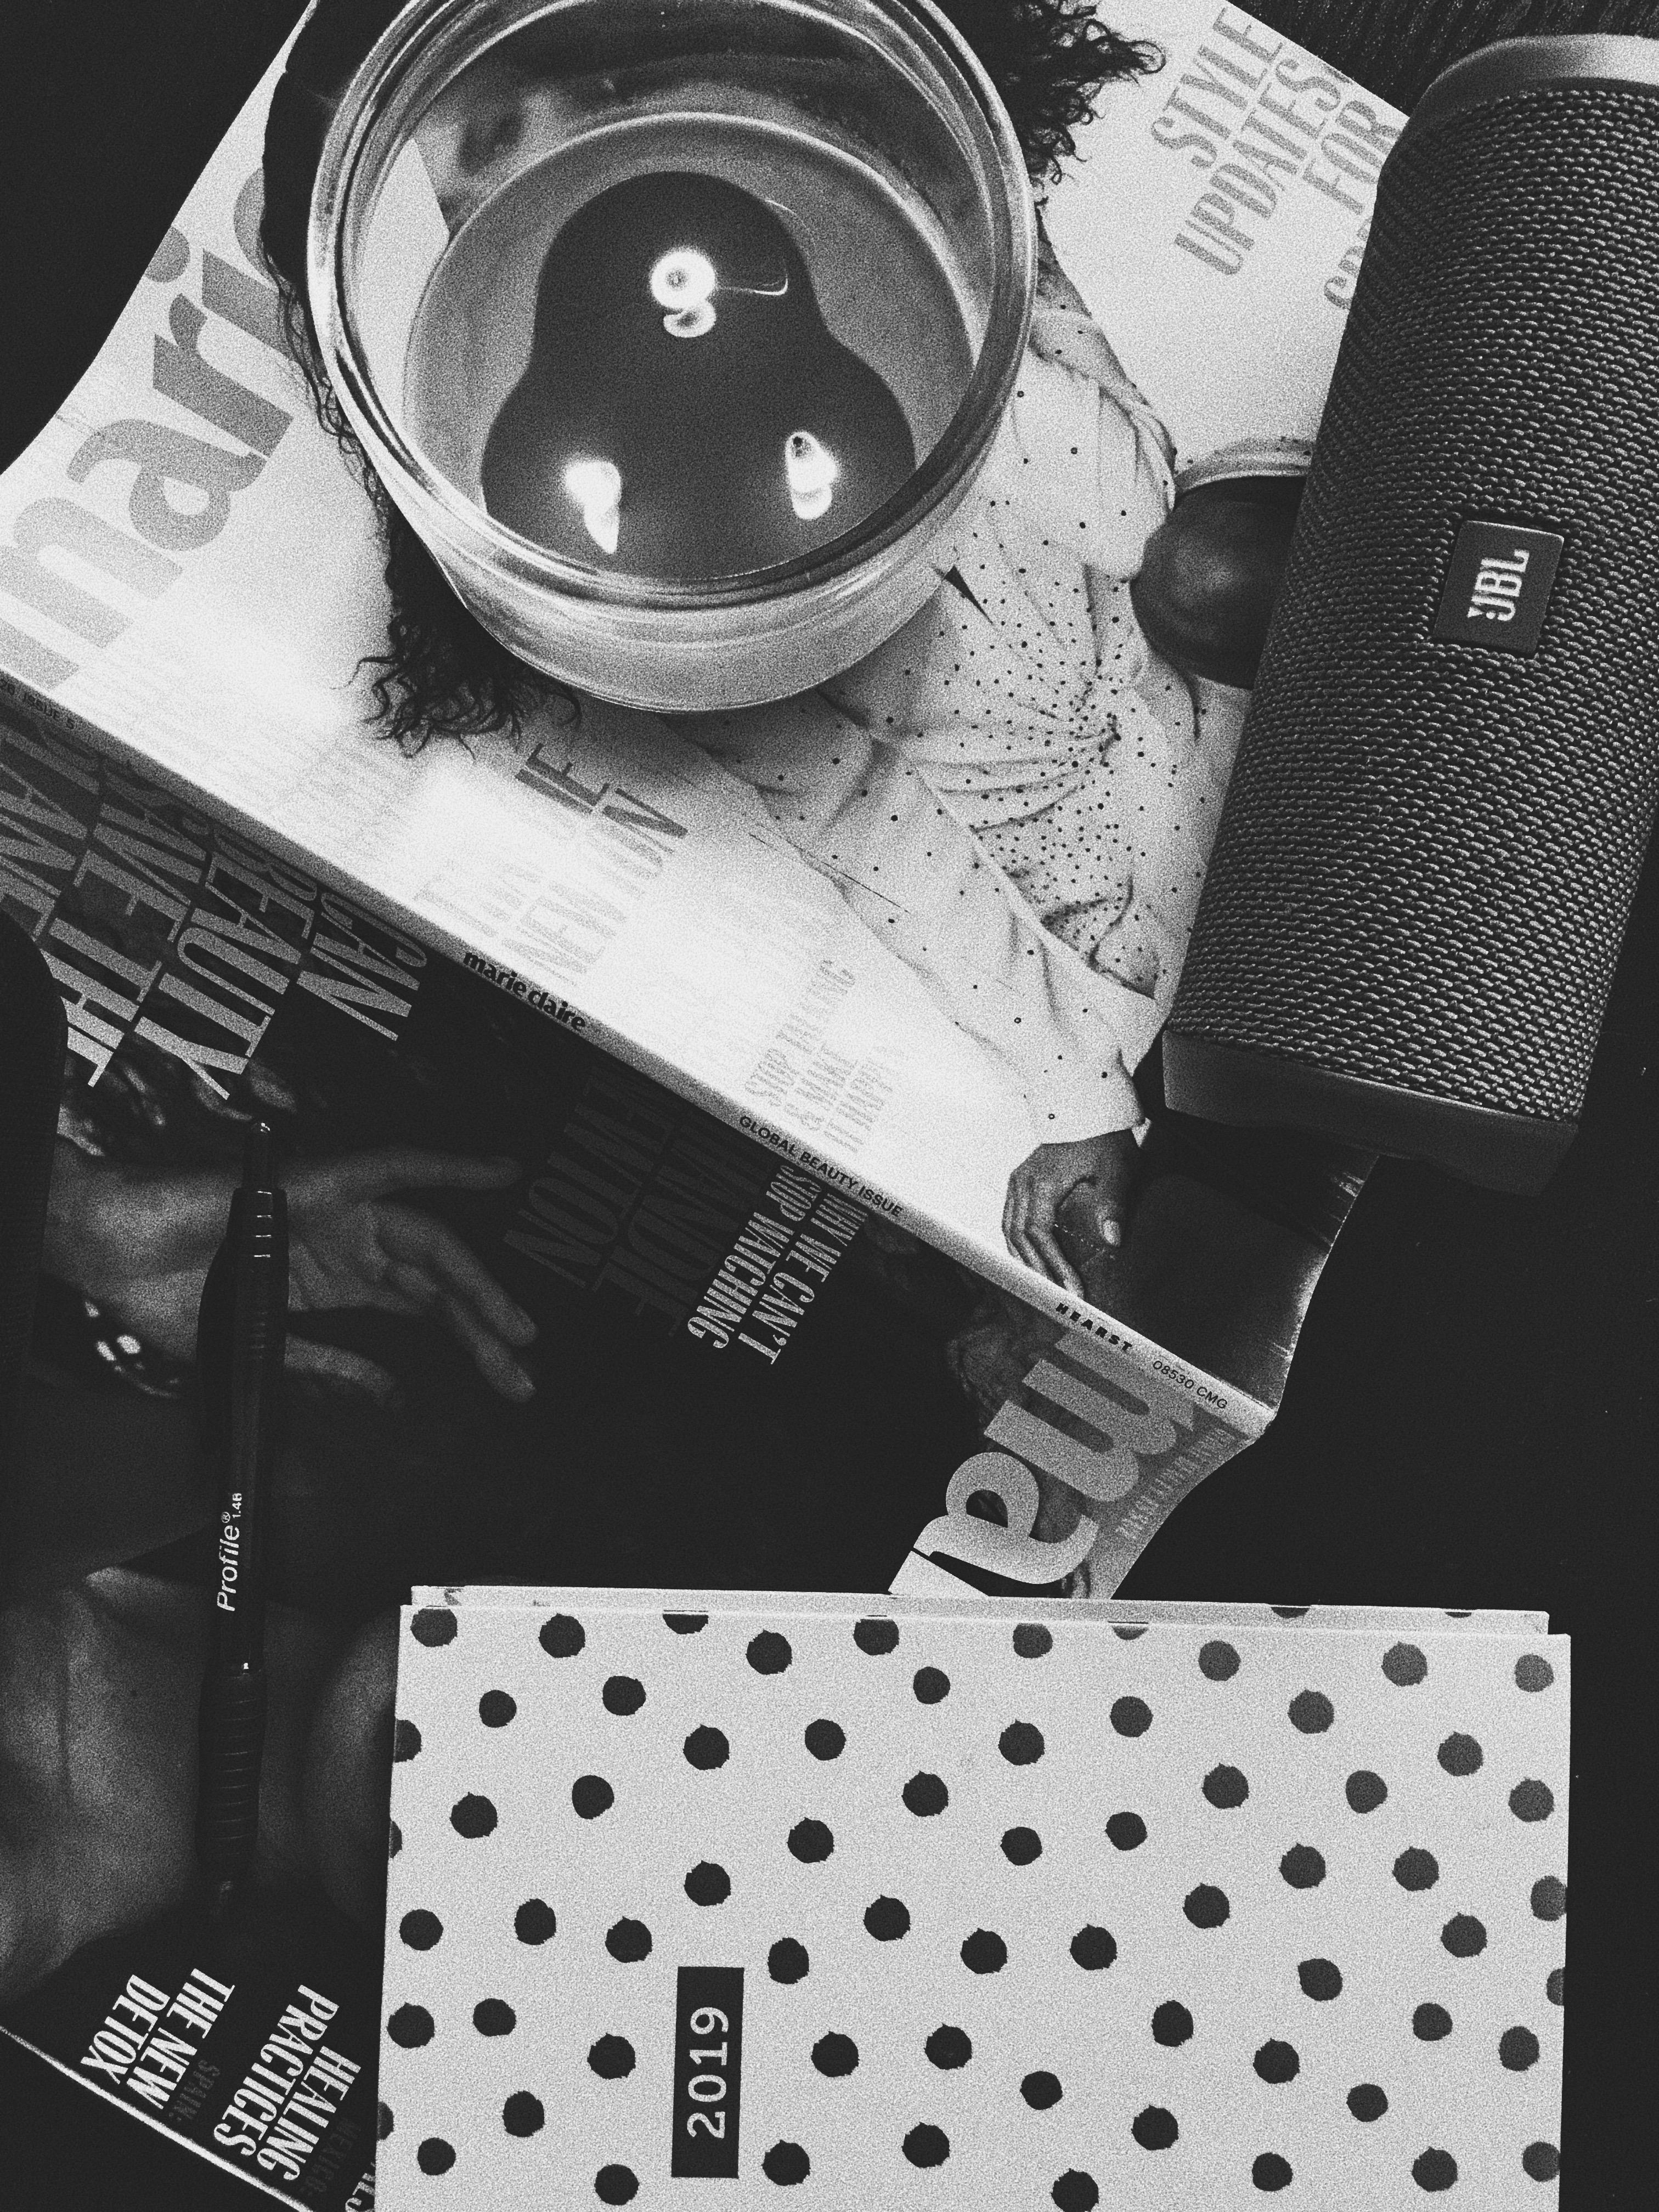 speaker-jbl speaker-mother's day gift ideas